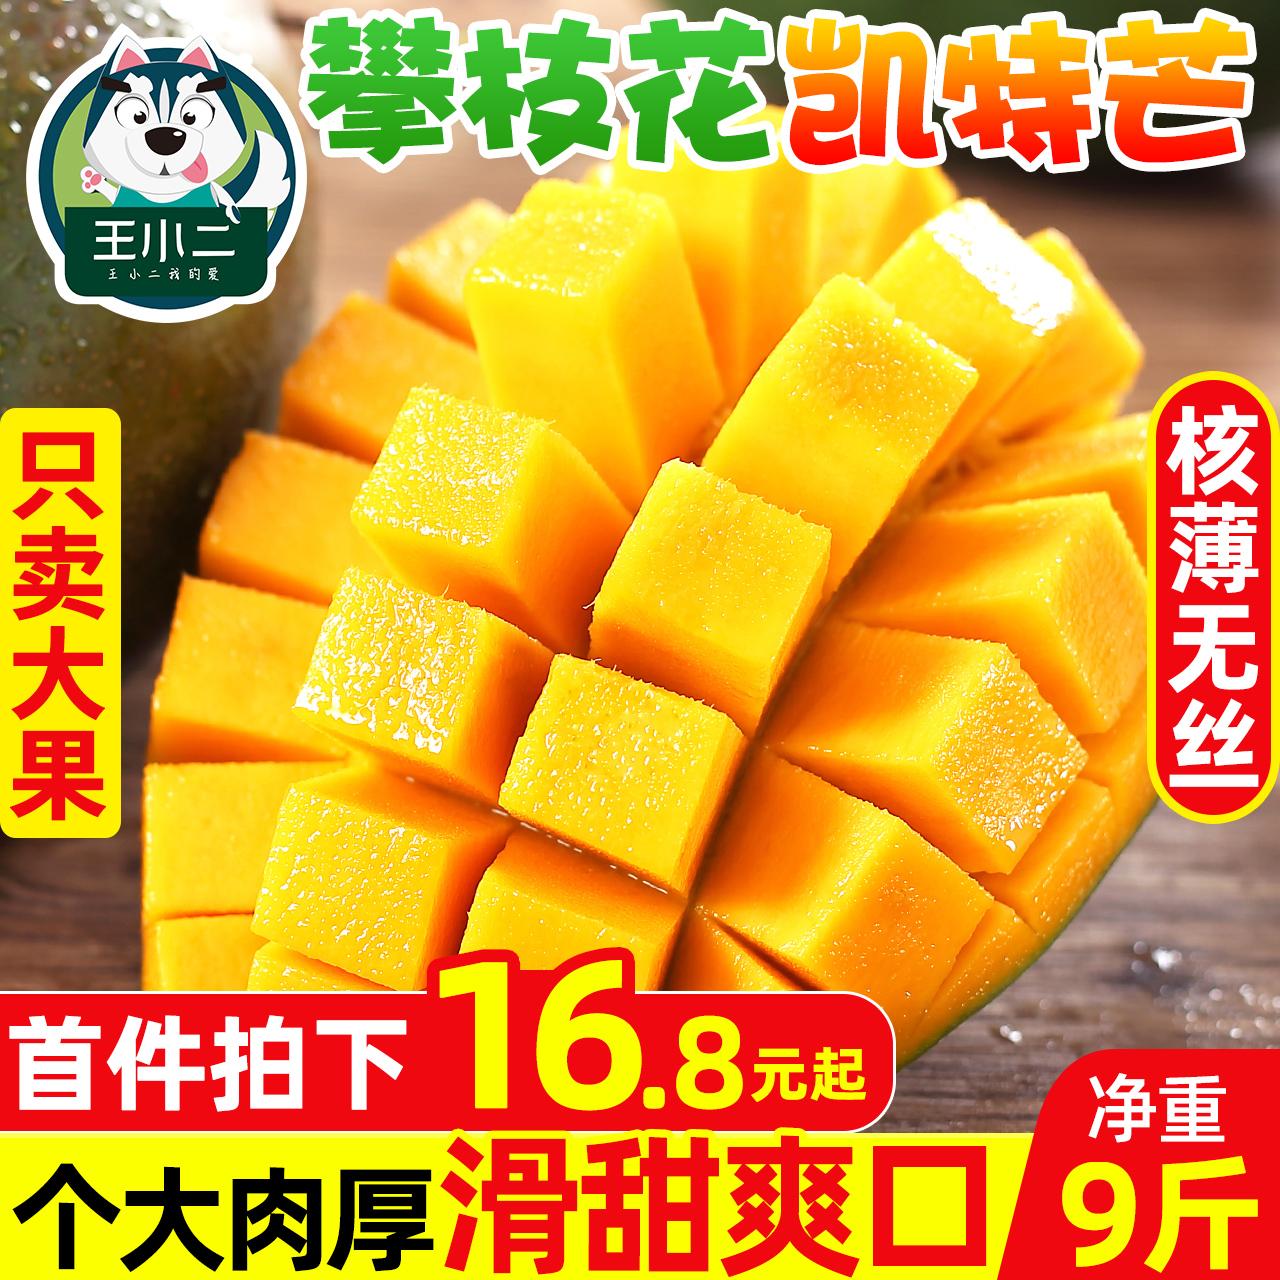 攀枝花凯特芒10斤芒果水果新鲜包邮应当季整箱大青皮芒热带特大芒